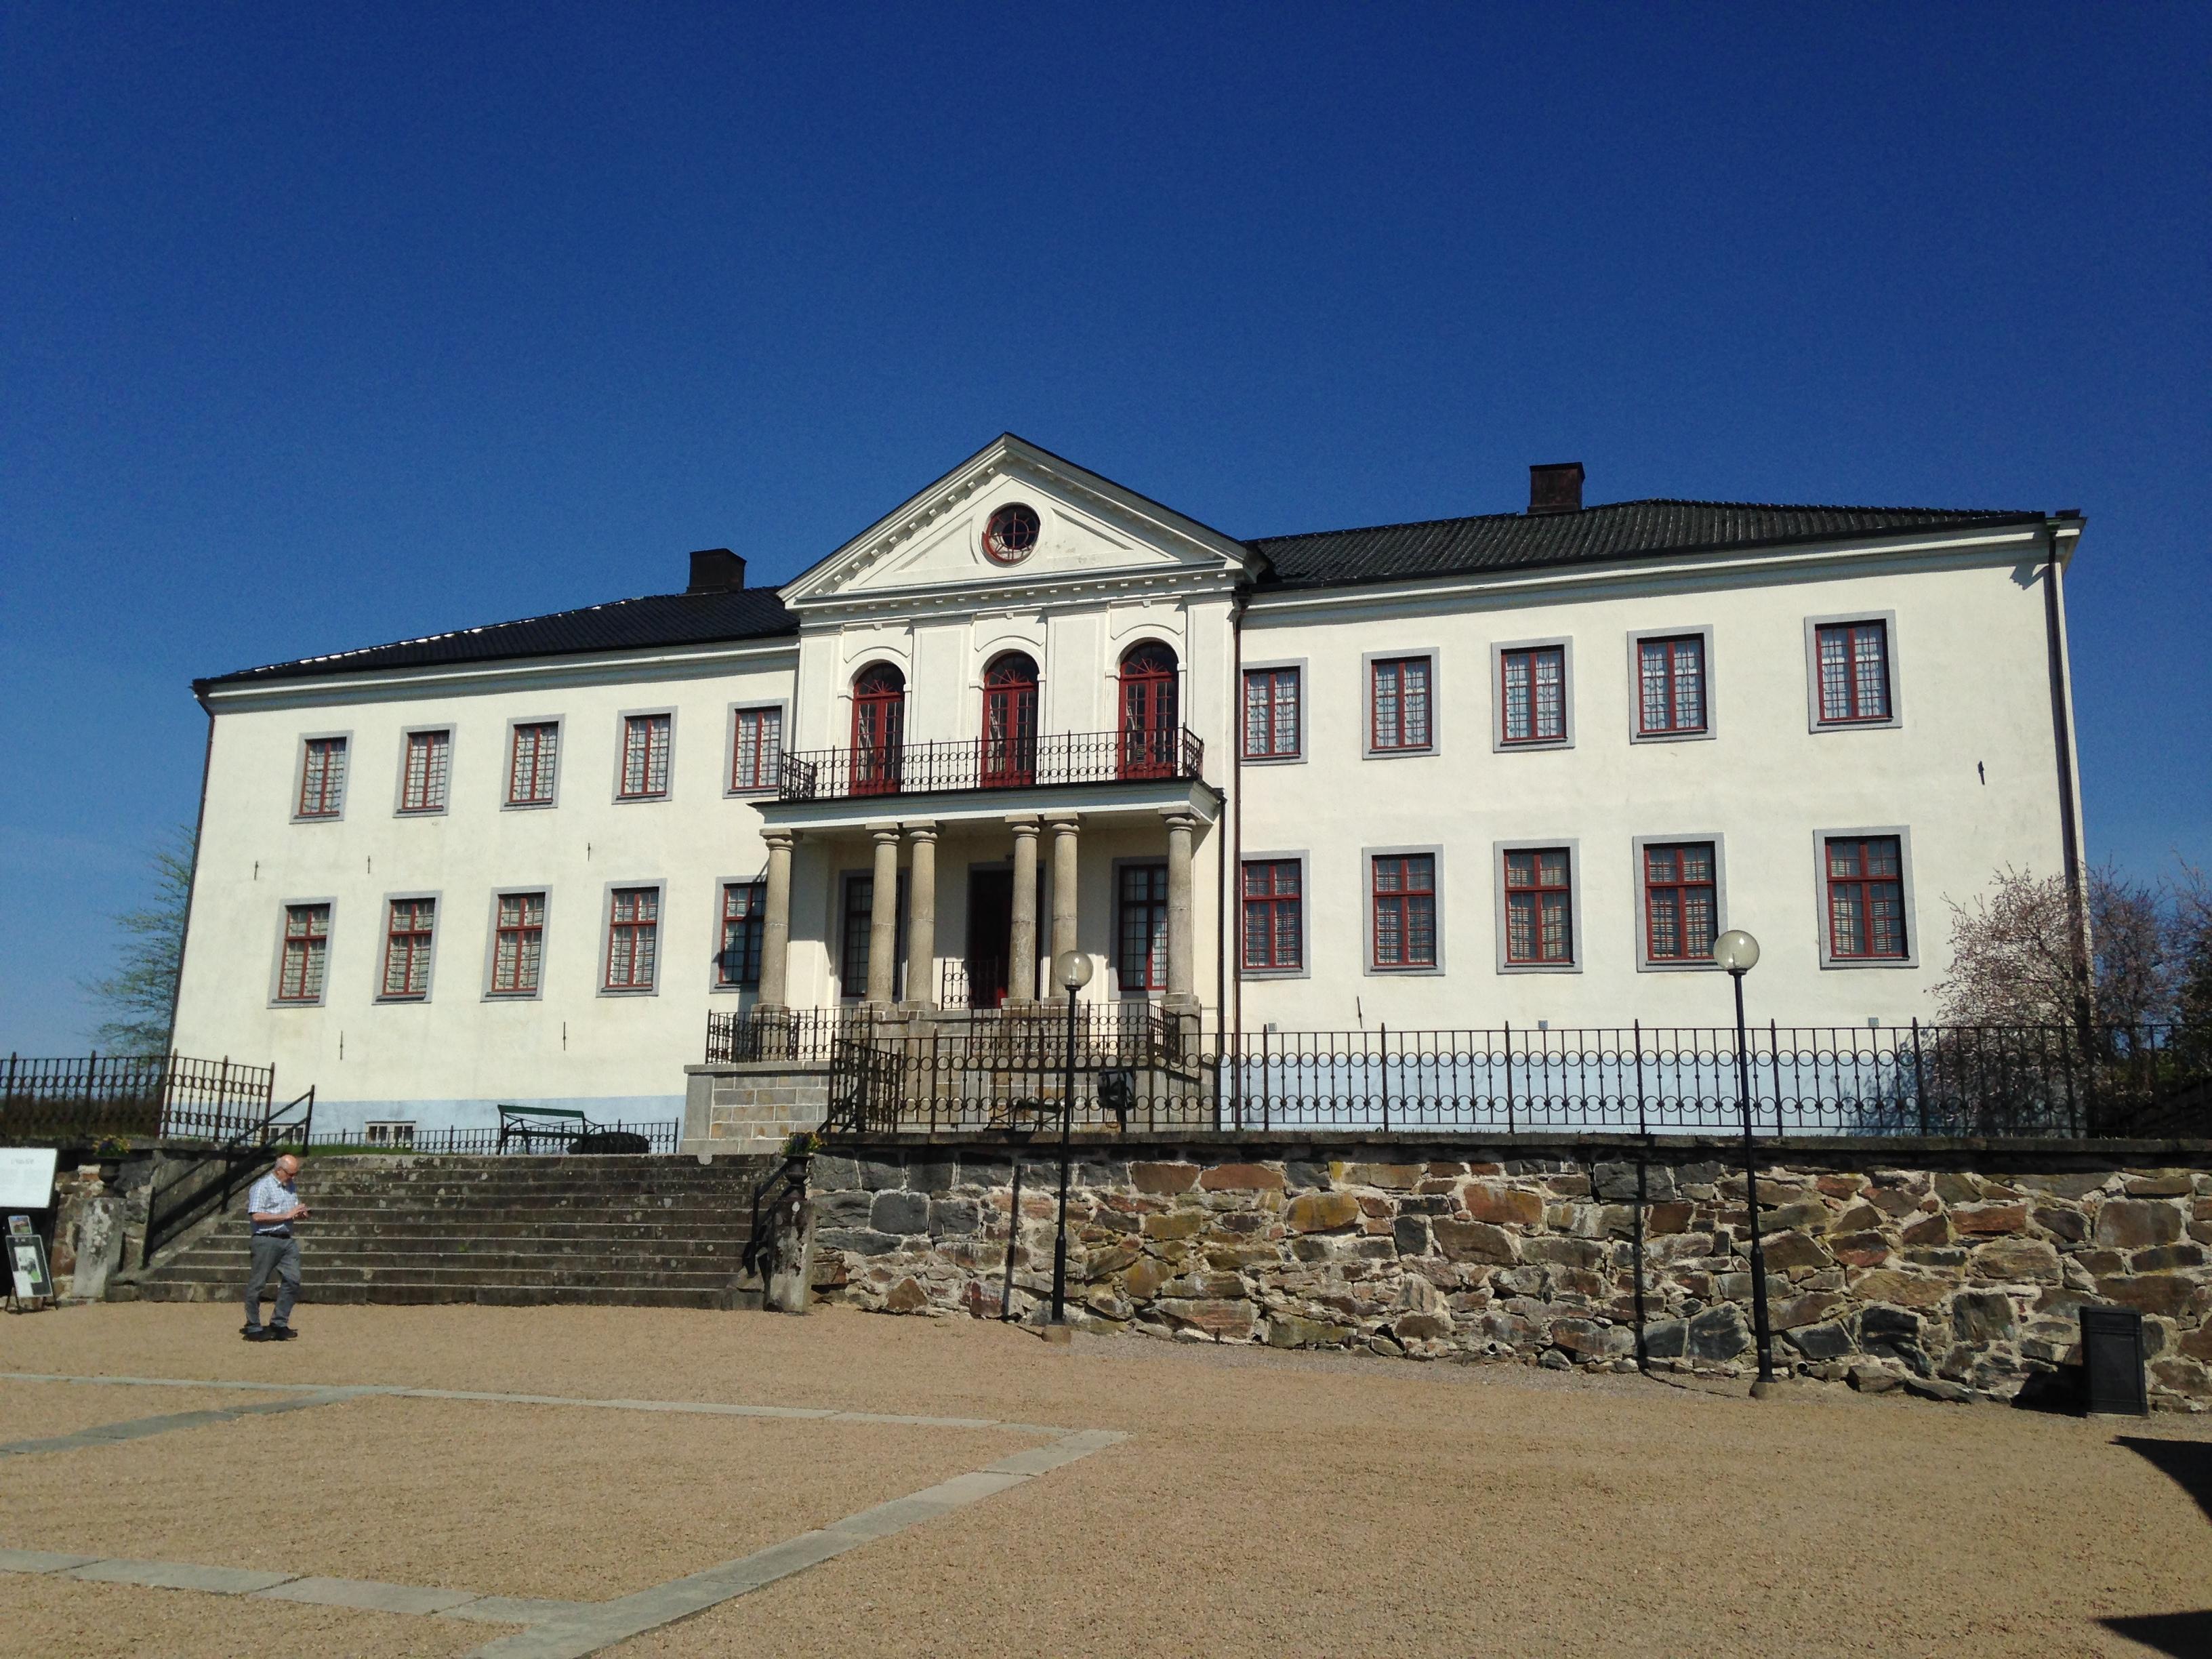 Nääs slott